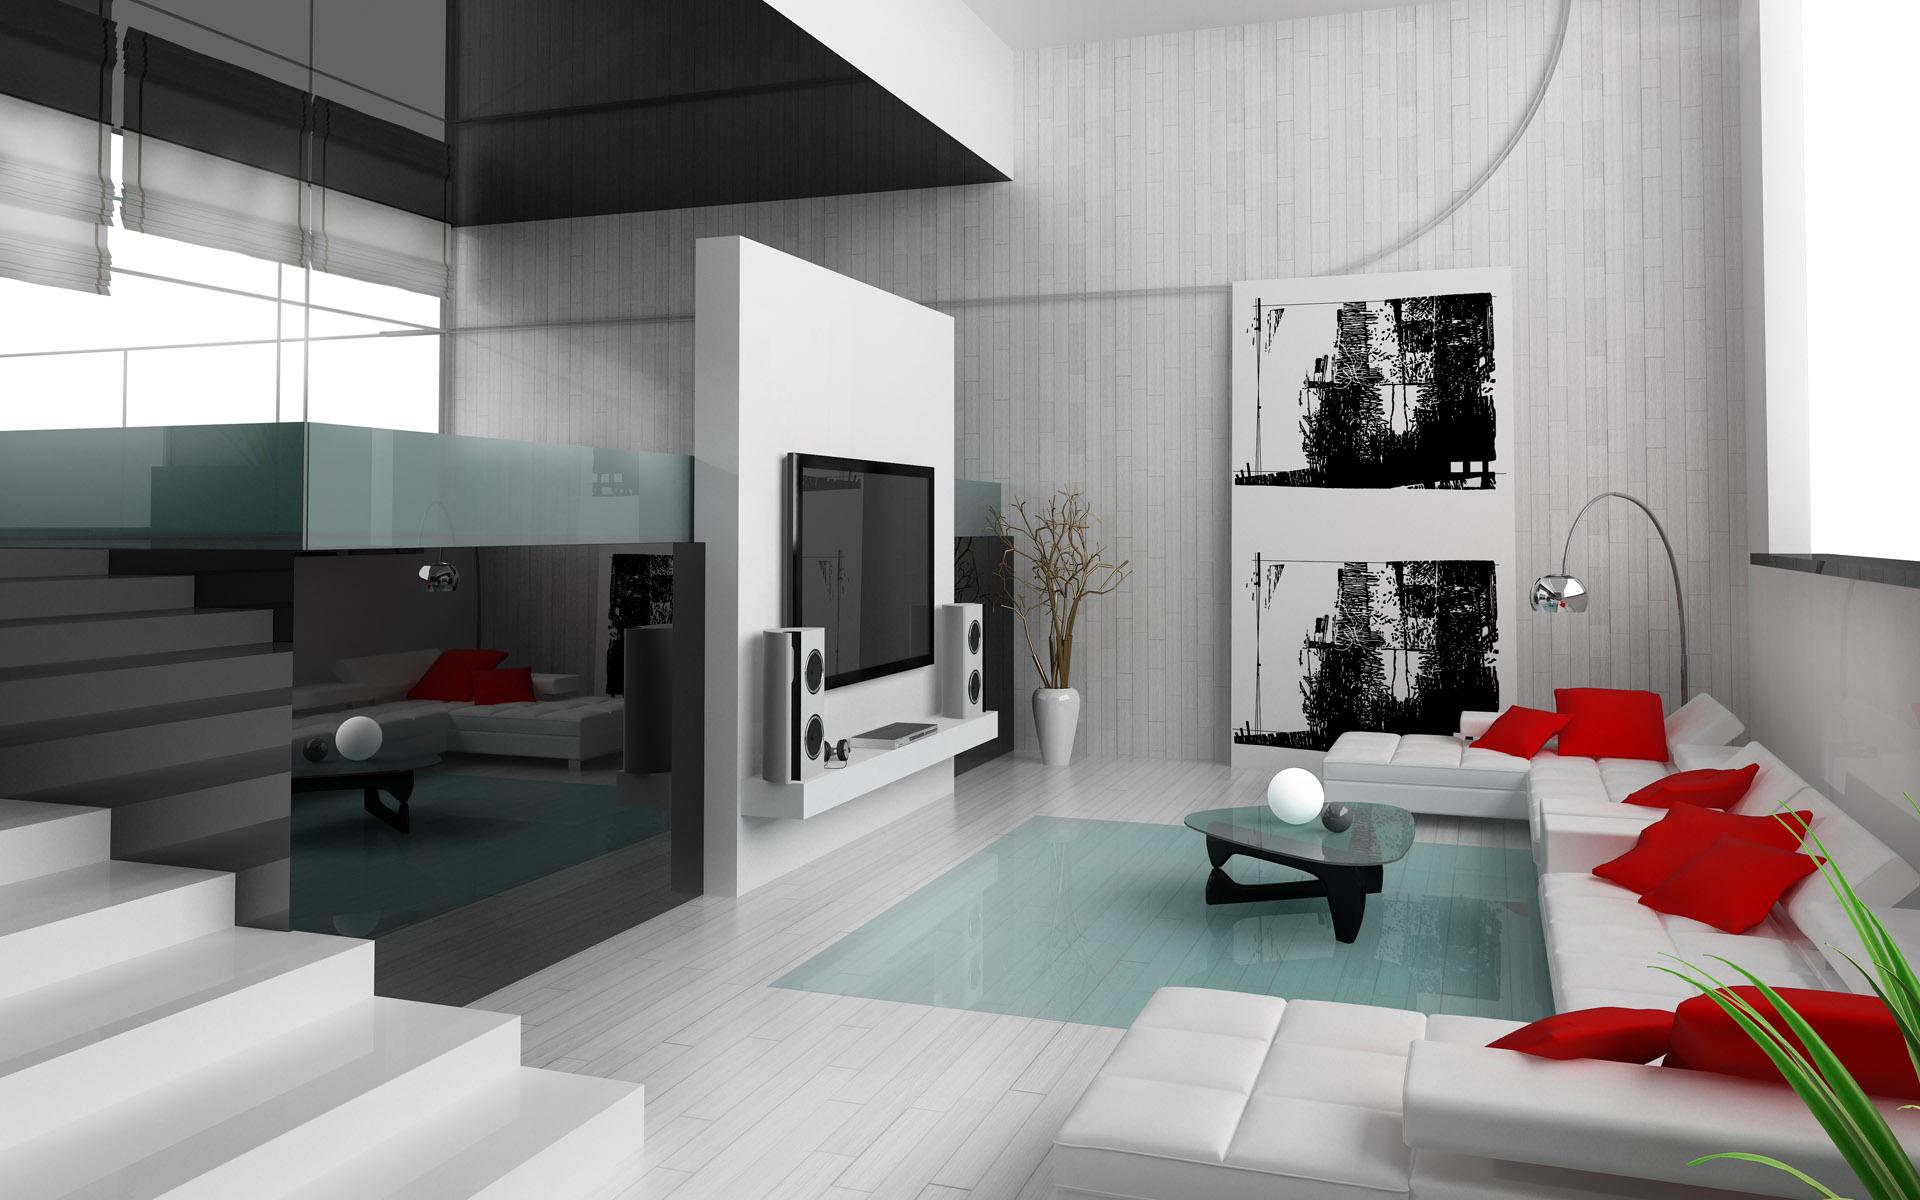 soggiorno stile contemporaneo in vendita in arredamento e casalinghi: Soggiorno In Stile Contemporaneo Idee Di Design E Decorazione Foto